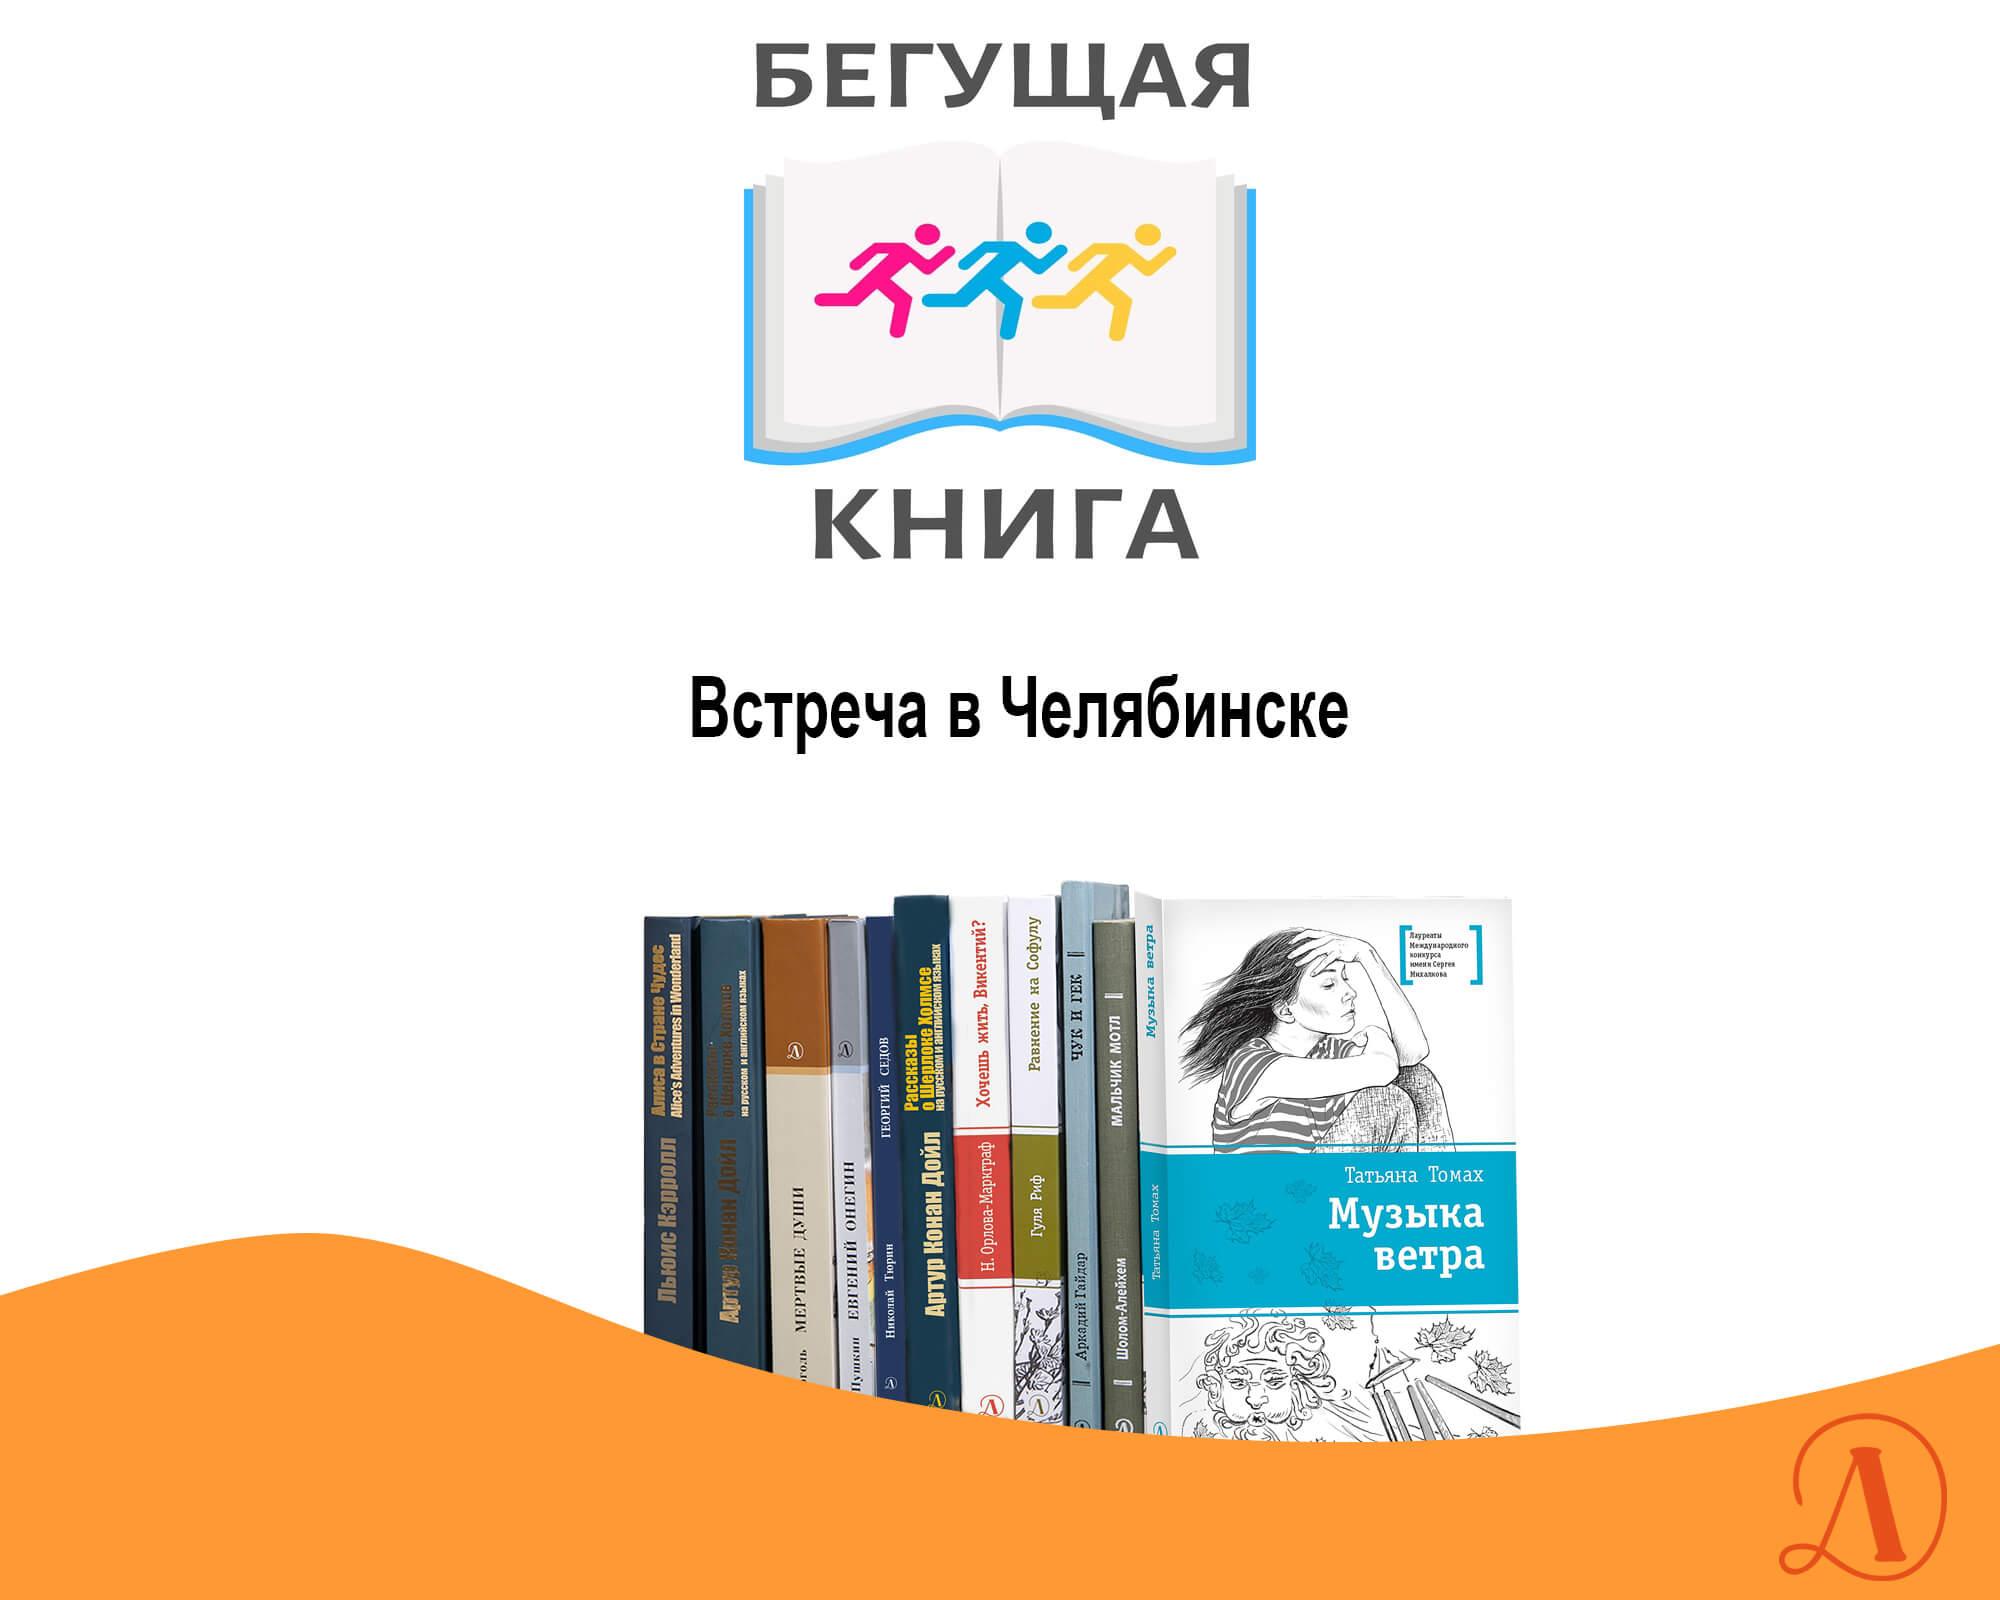 Бегущая книга. Встреча в Челябинске